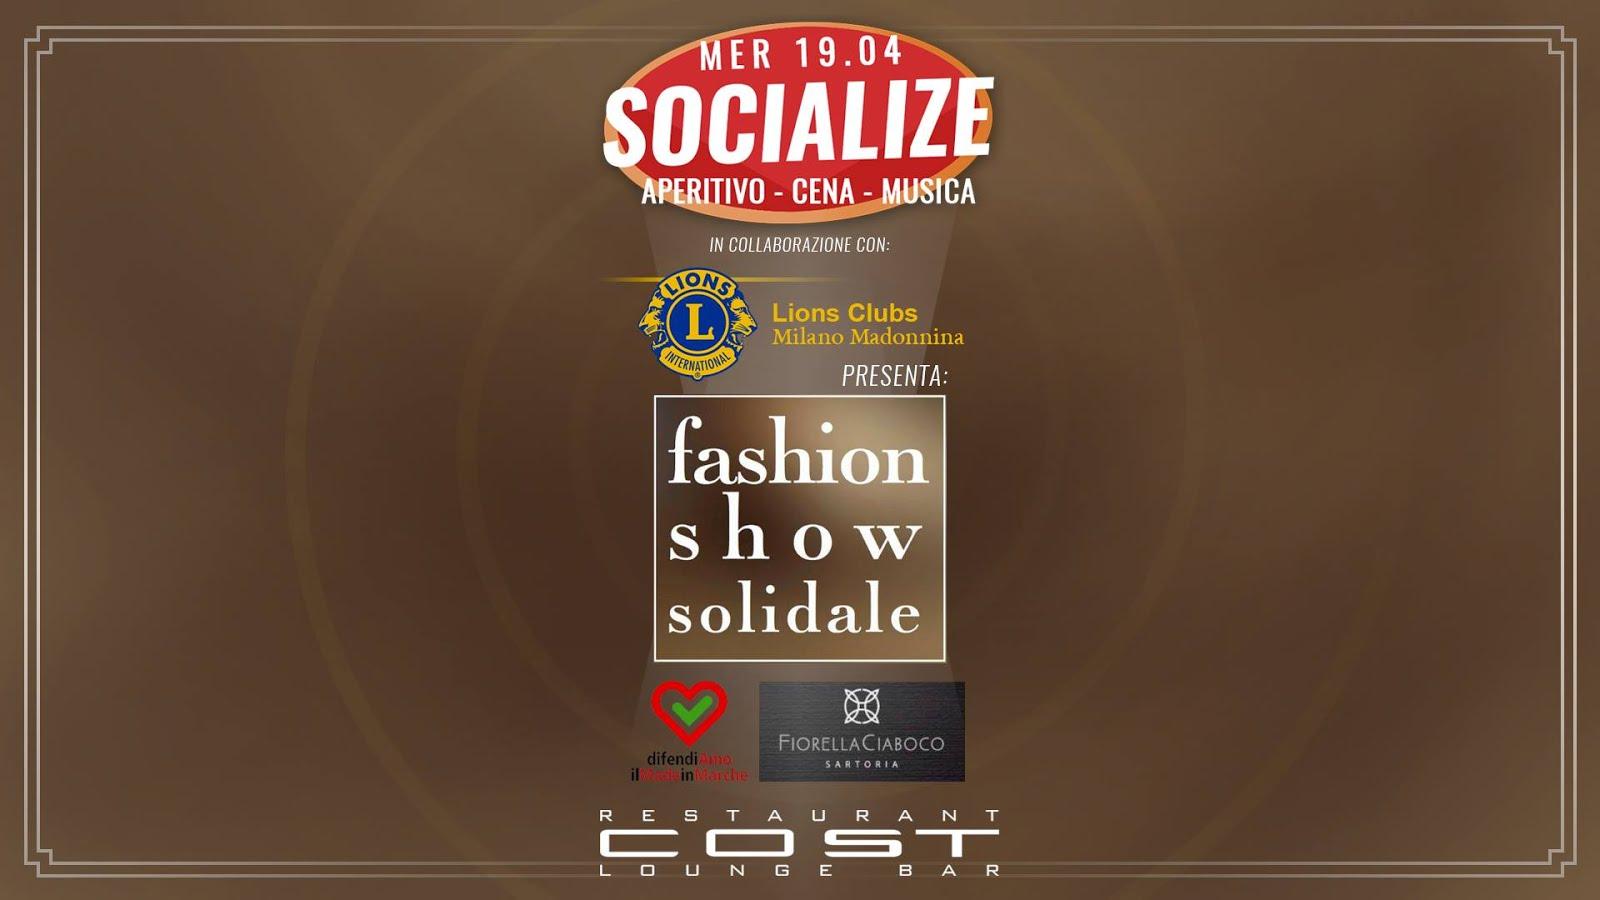 19/4 Fashion Show Solidale di Fiorella Ciaboco Sartoria @ Cost Milano by Lions Club Milano Madonnina